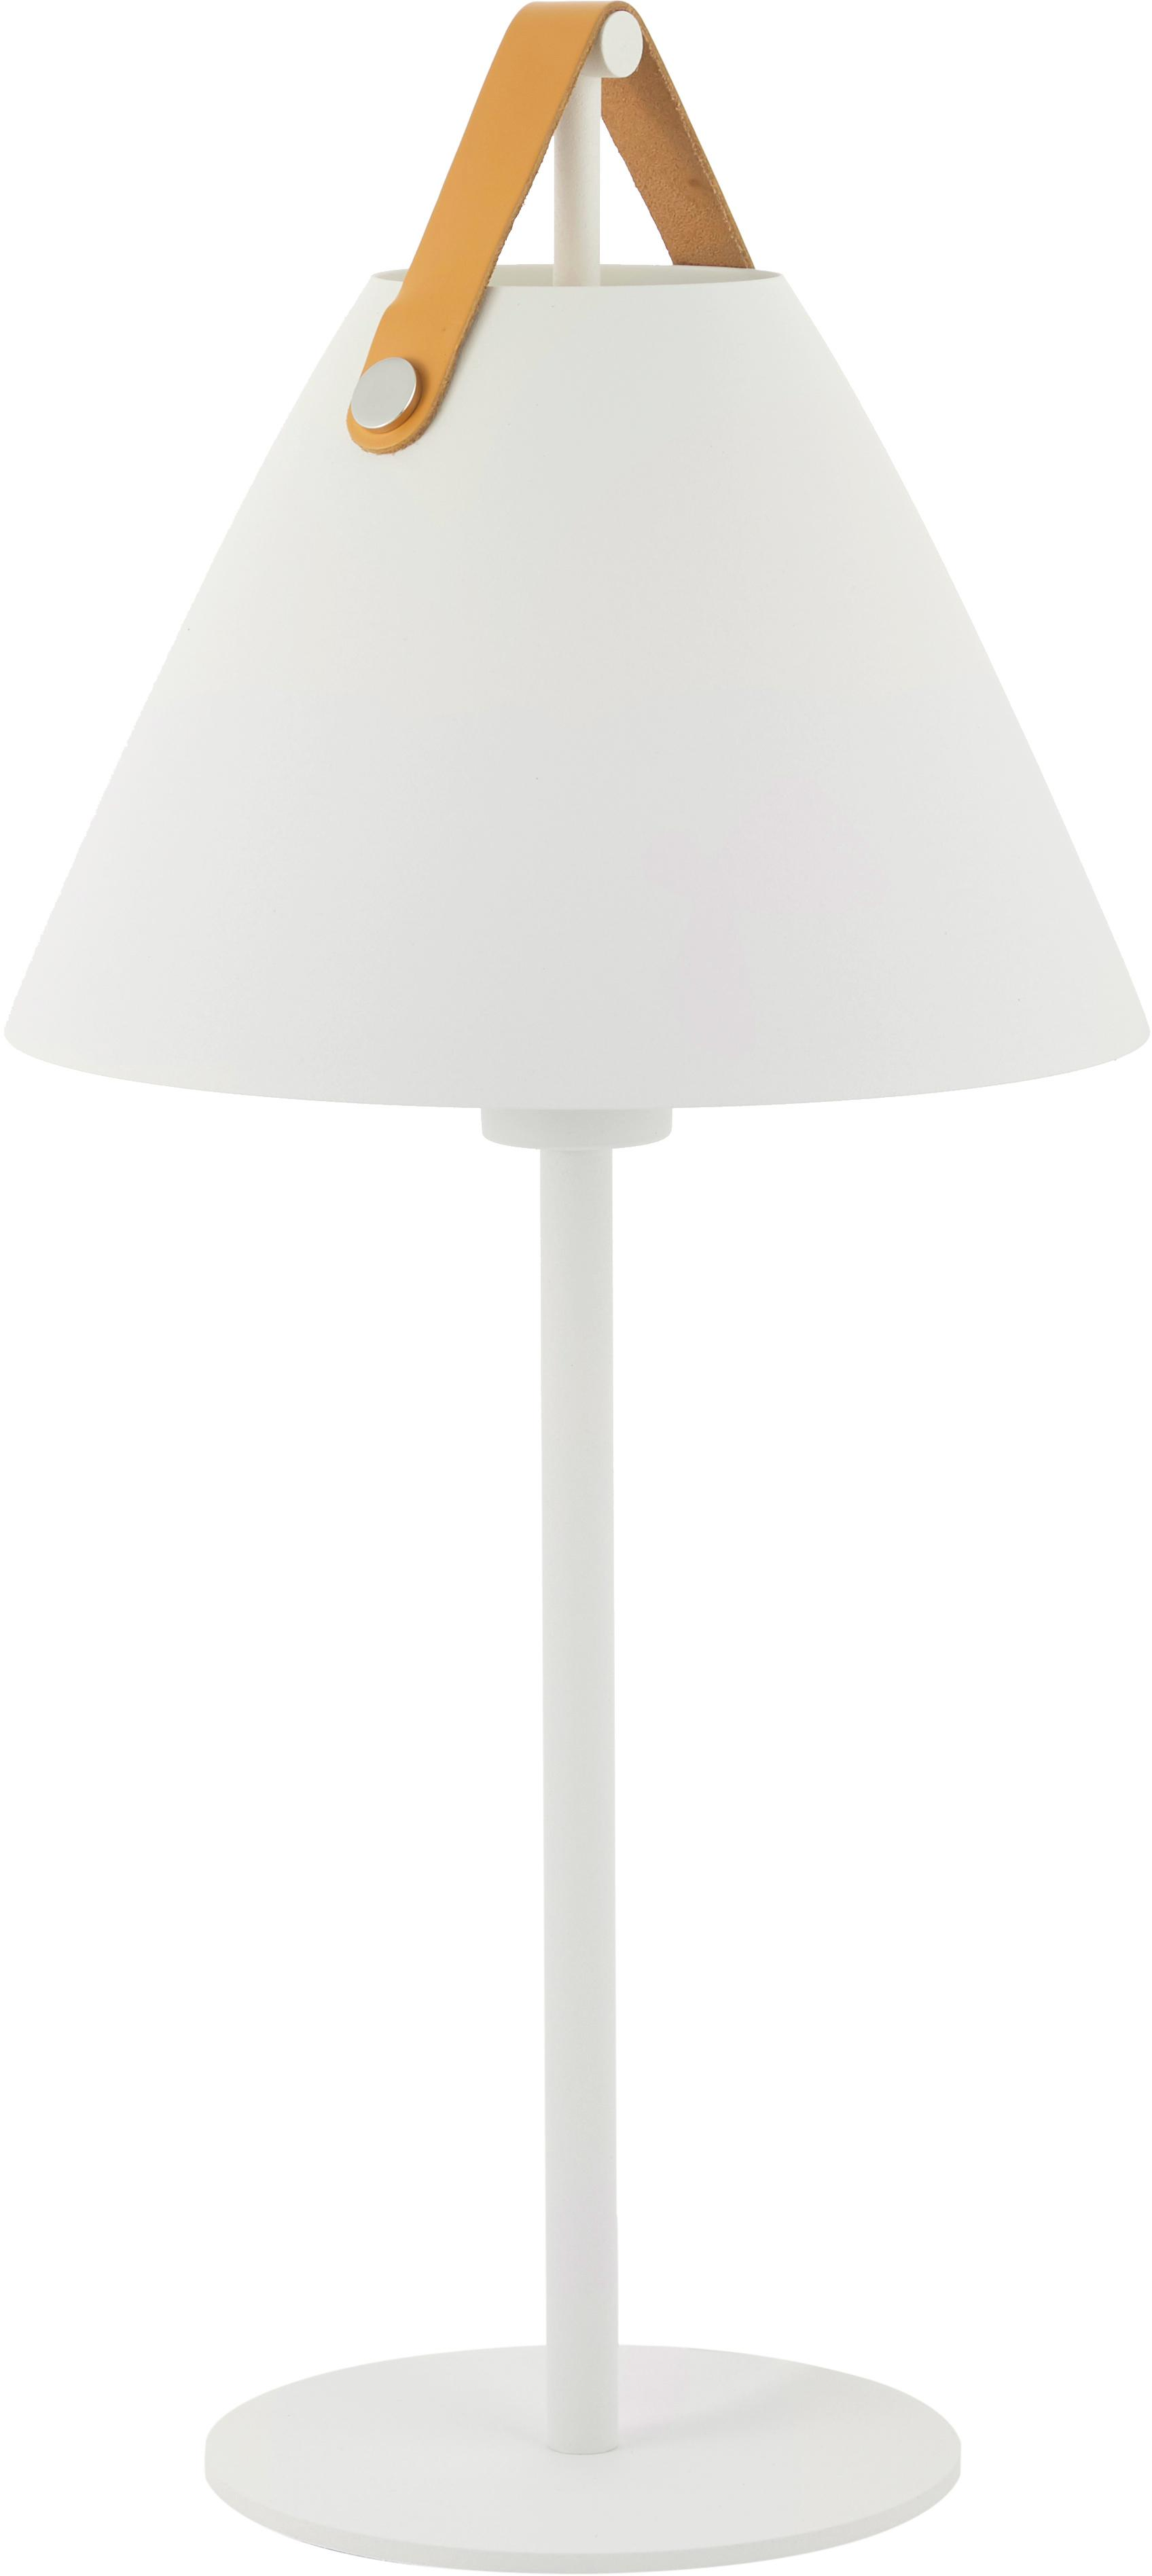 Lampa stołowa scandi Strap, Biały, Ø 25 x W 55 cm